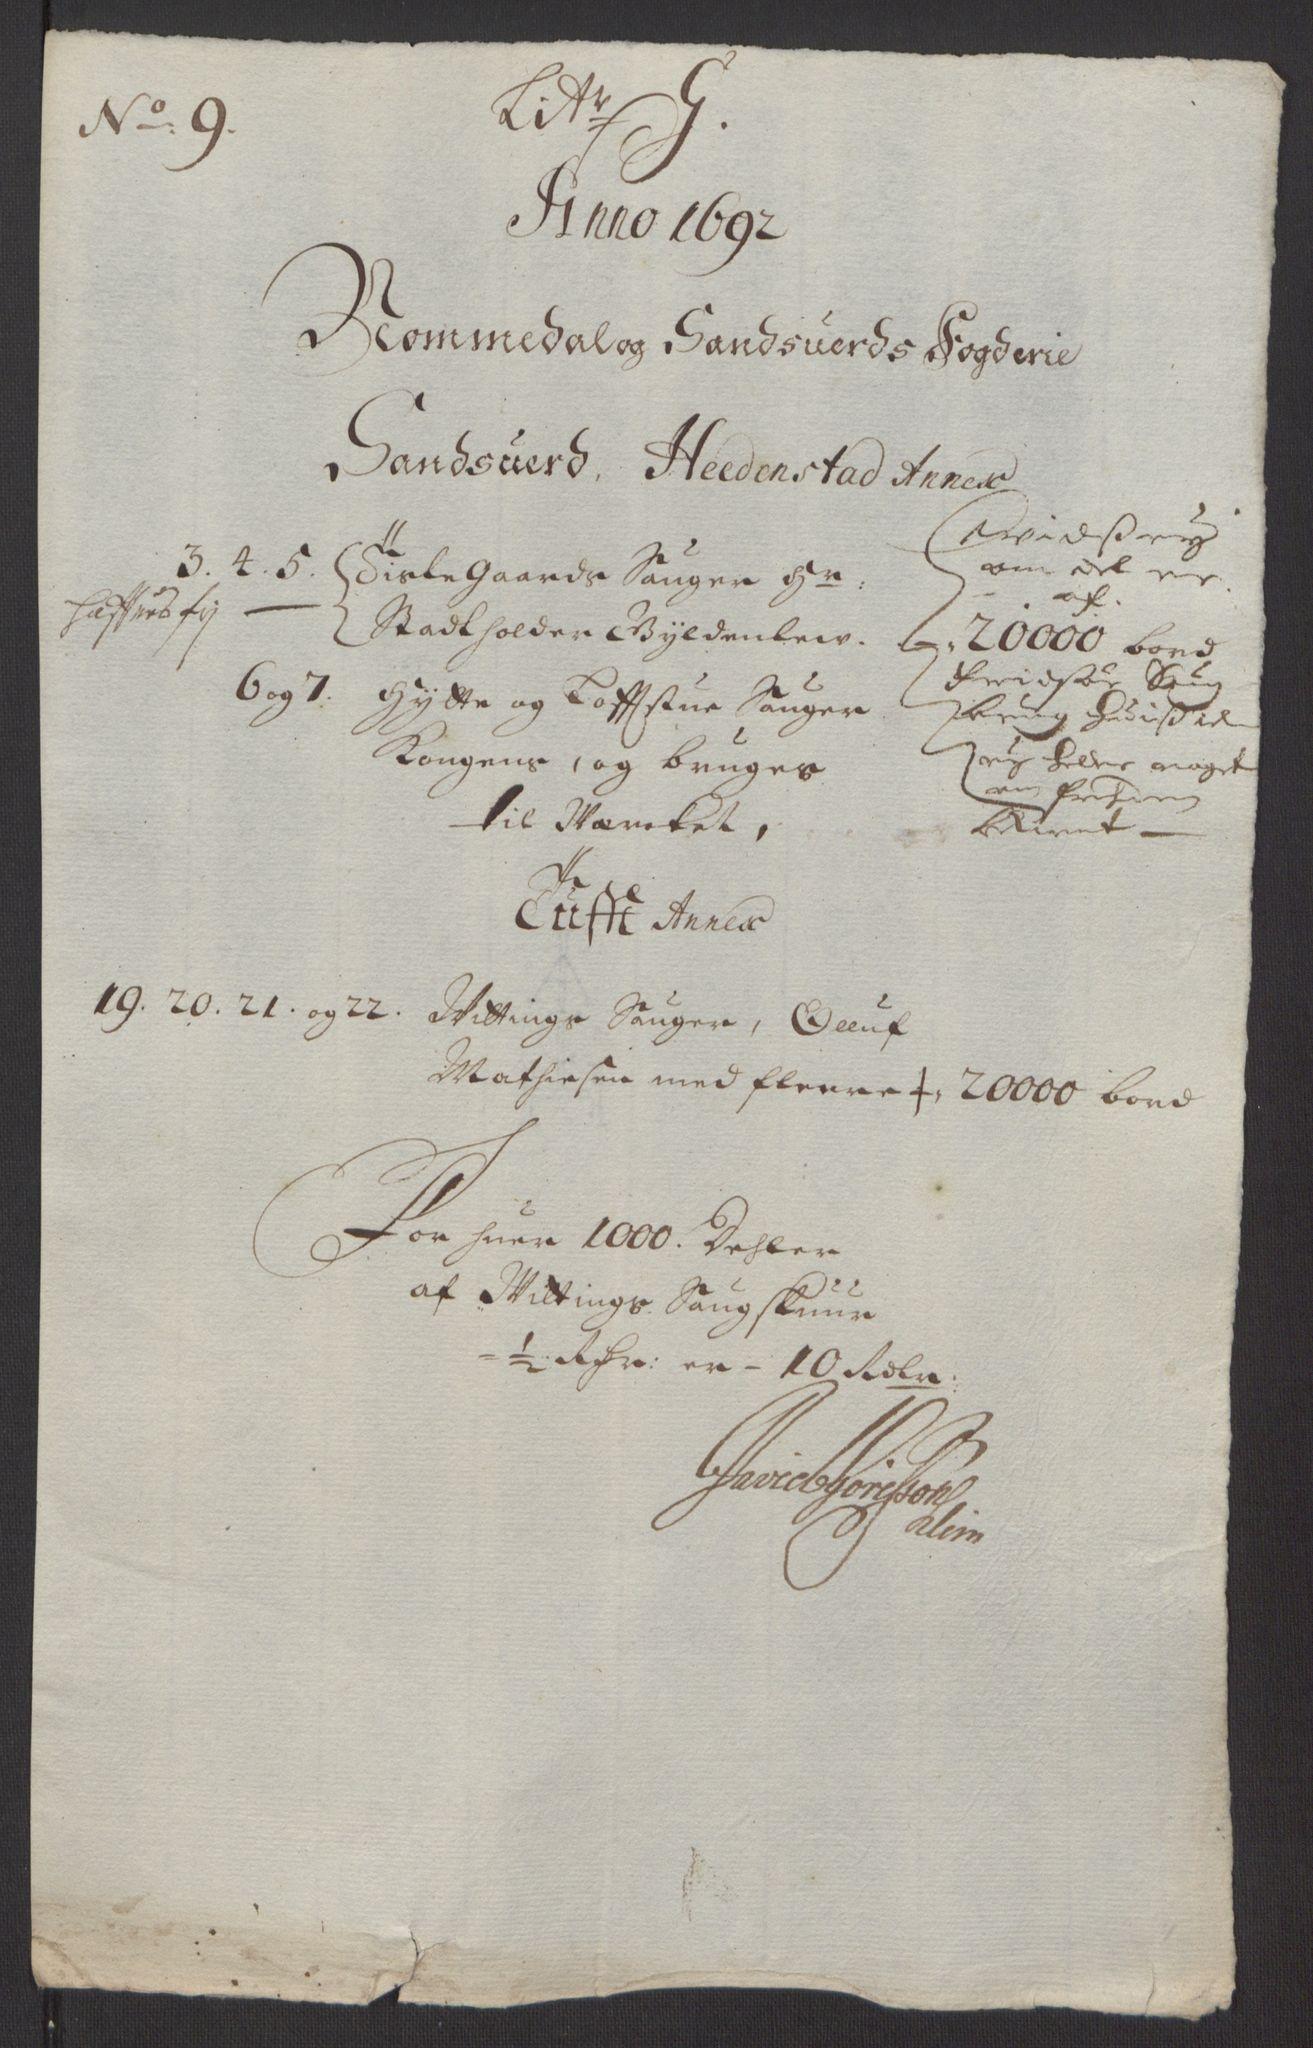 RA, Rentekammeret inntil 1814, Reviderte regnskaper, Fogderegnskap, R24/L1575: Fogderegnskap Numedal og Sandsvær, 1692-1695, s. 99